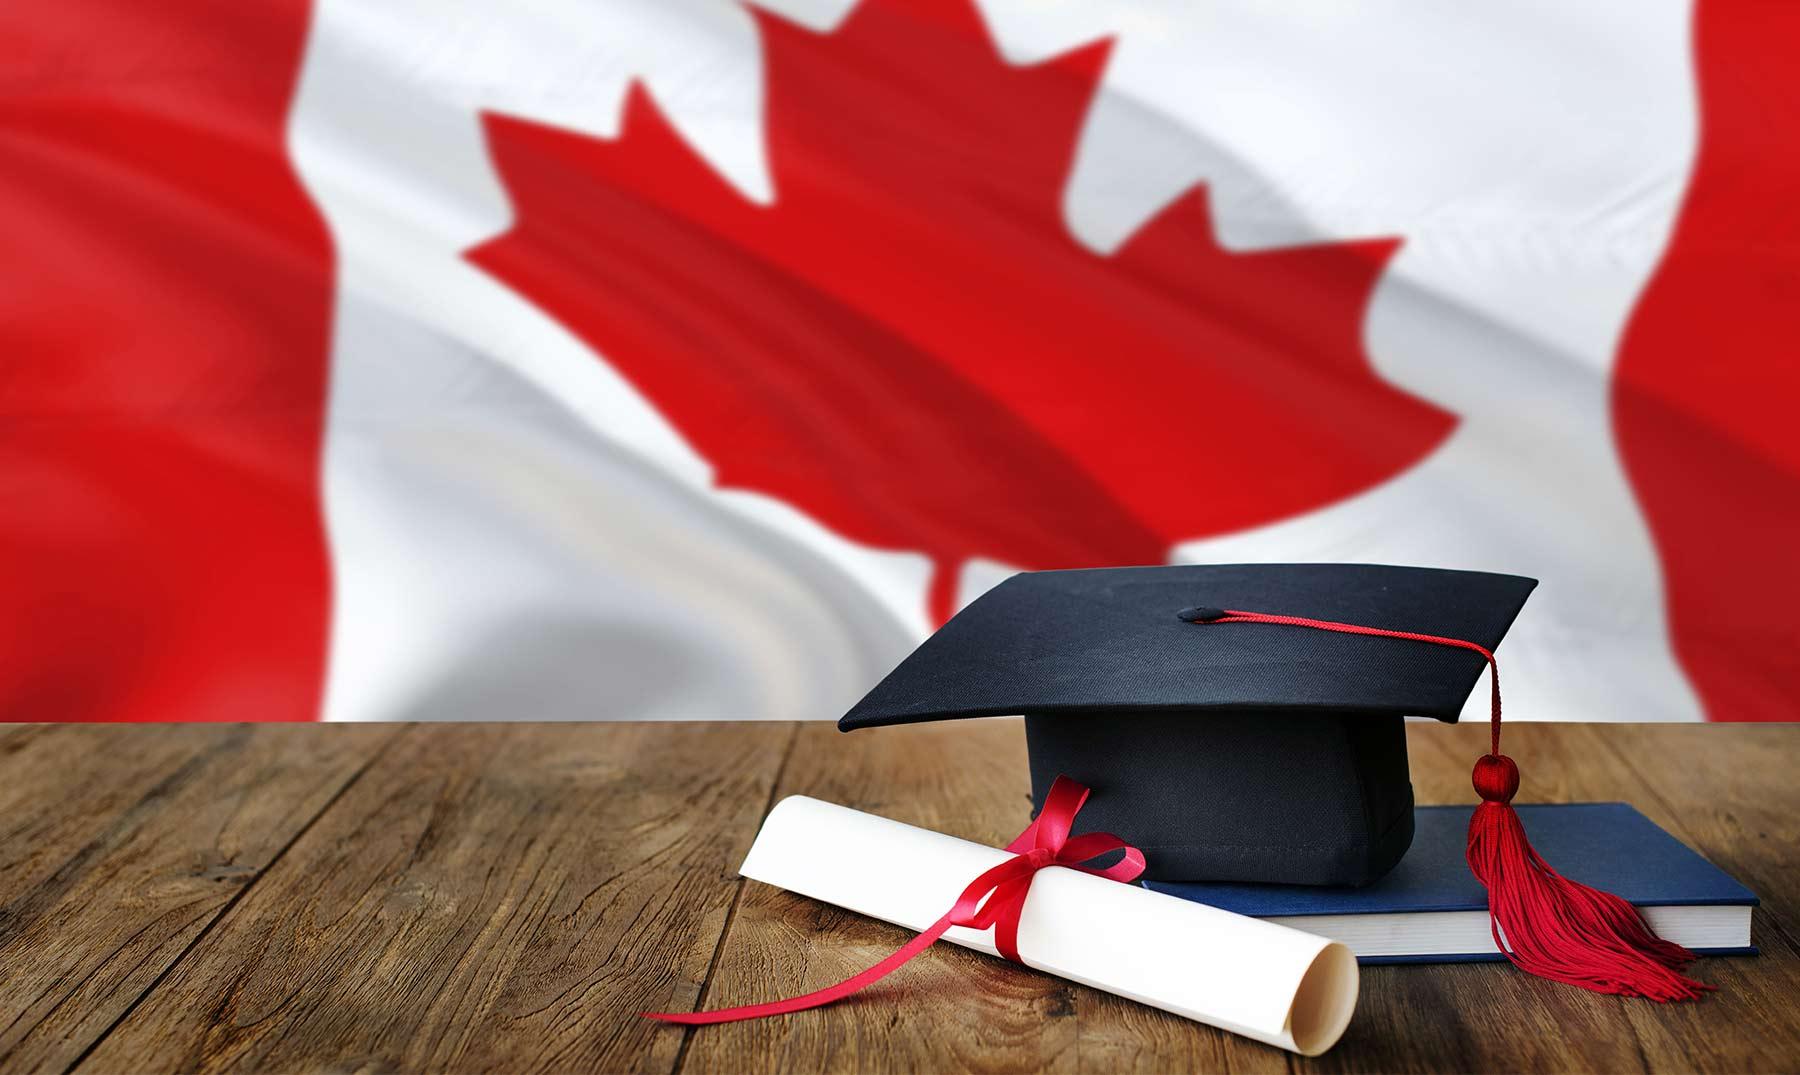 Estudiar en Canadá | Opciones, requisitos y pasos a seguir